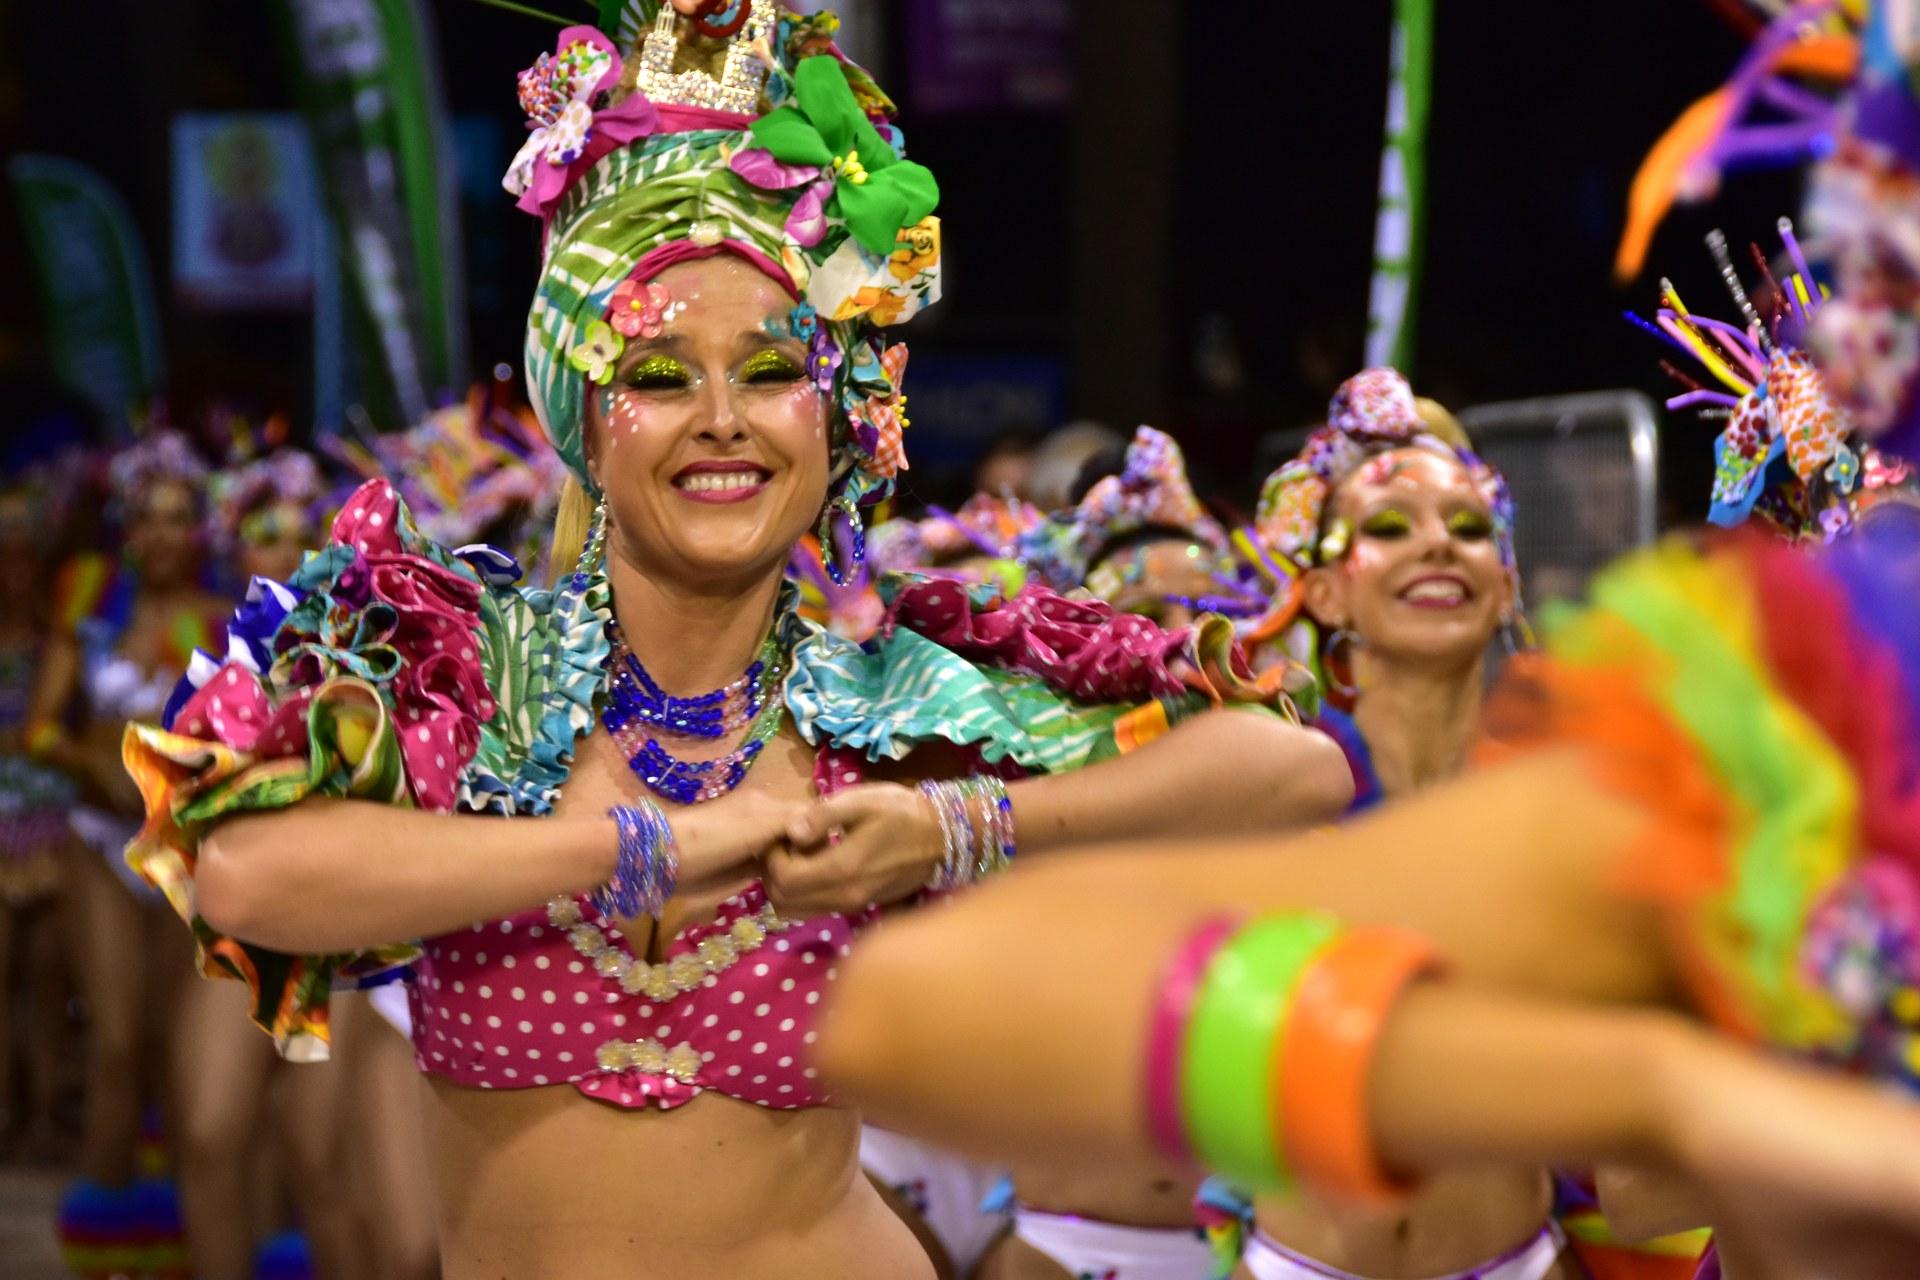 Imatge de la Reina del Carnaval 2019 a la Rua de la Disabuxa